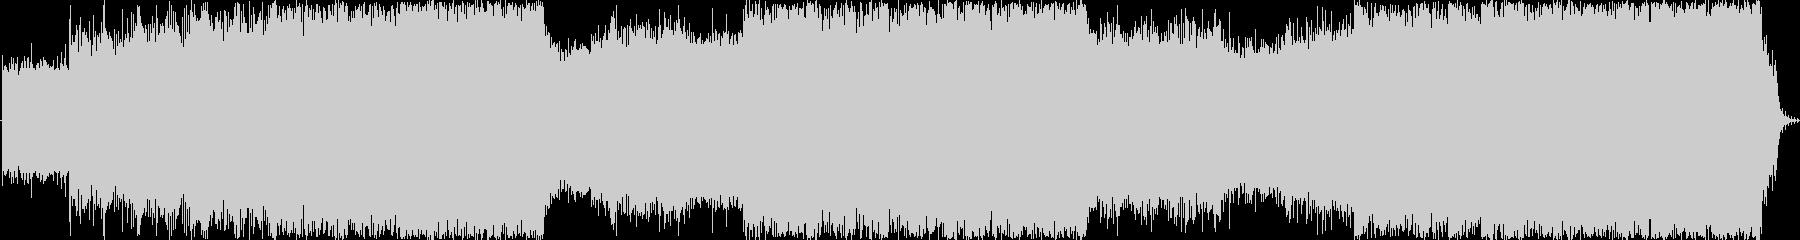 映画やゲームのBGMイメージです。の未再生の波形